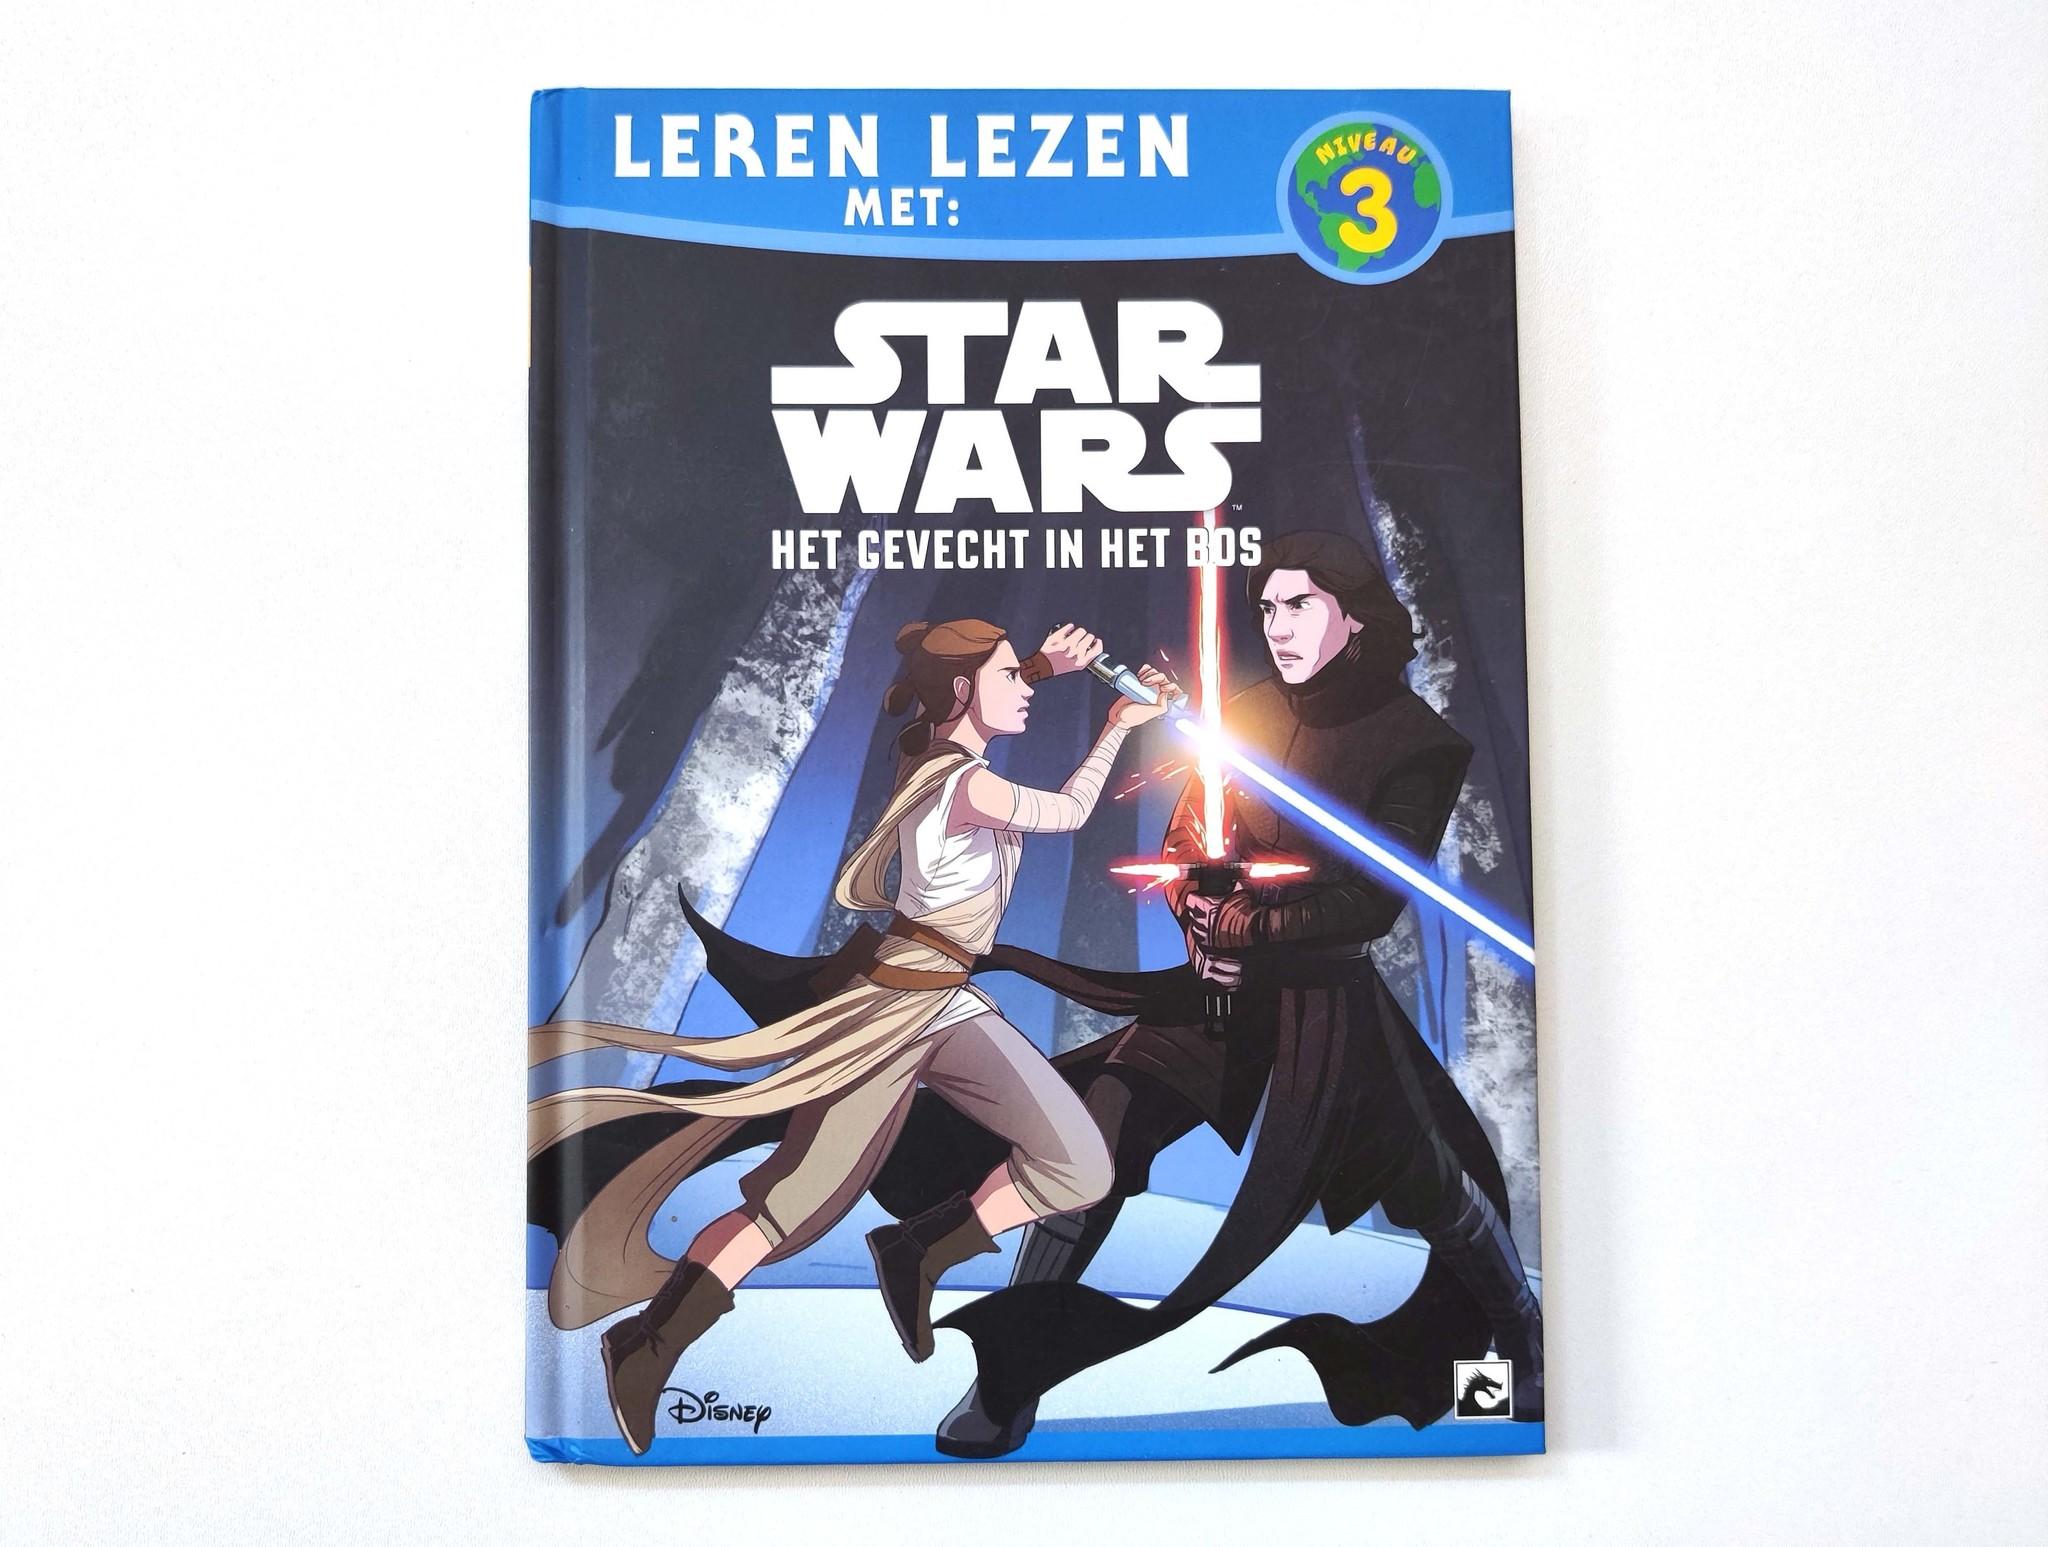 Leren lezen met Star Wars: het gevecht in het bos-1